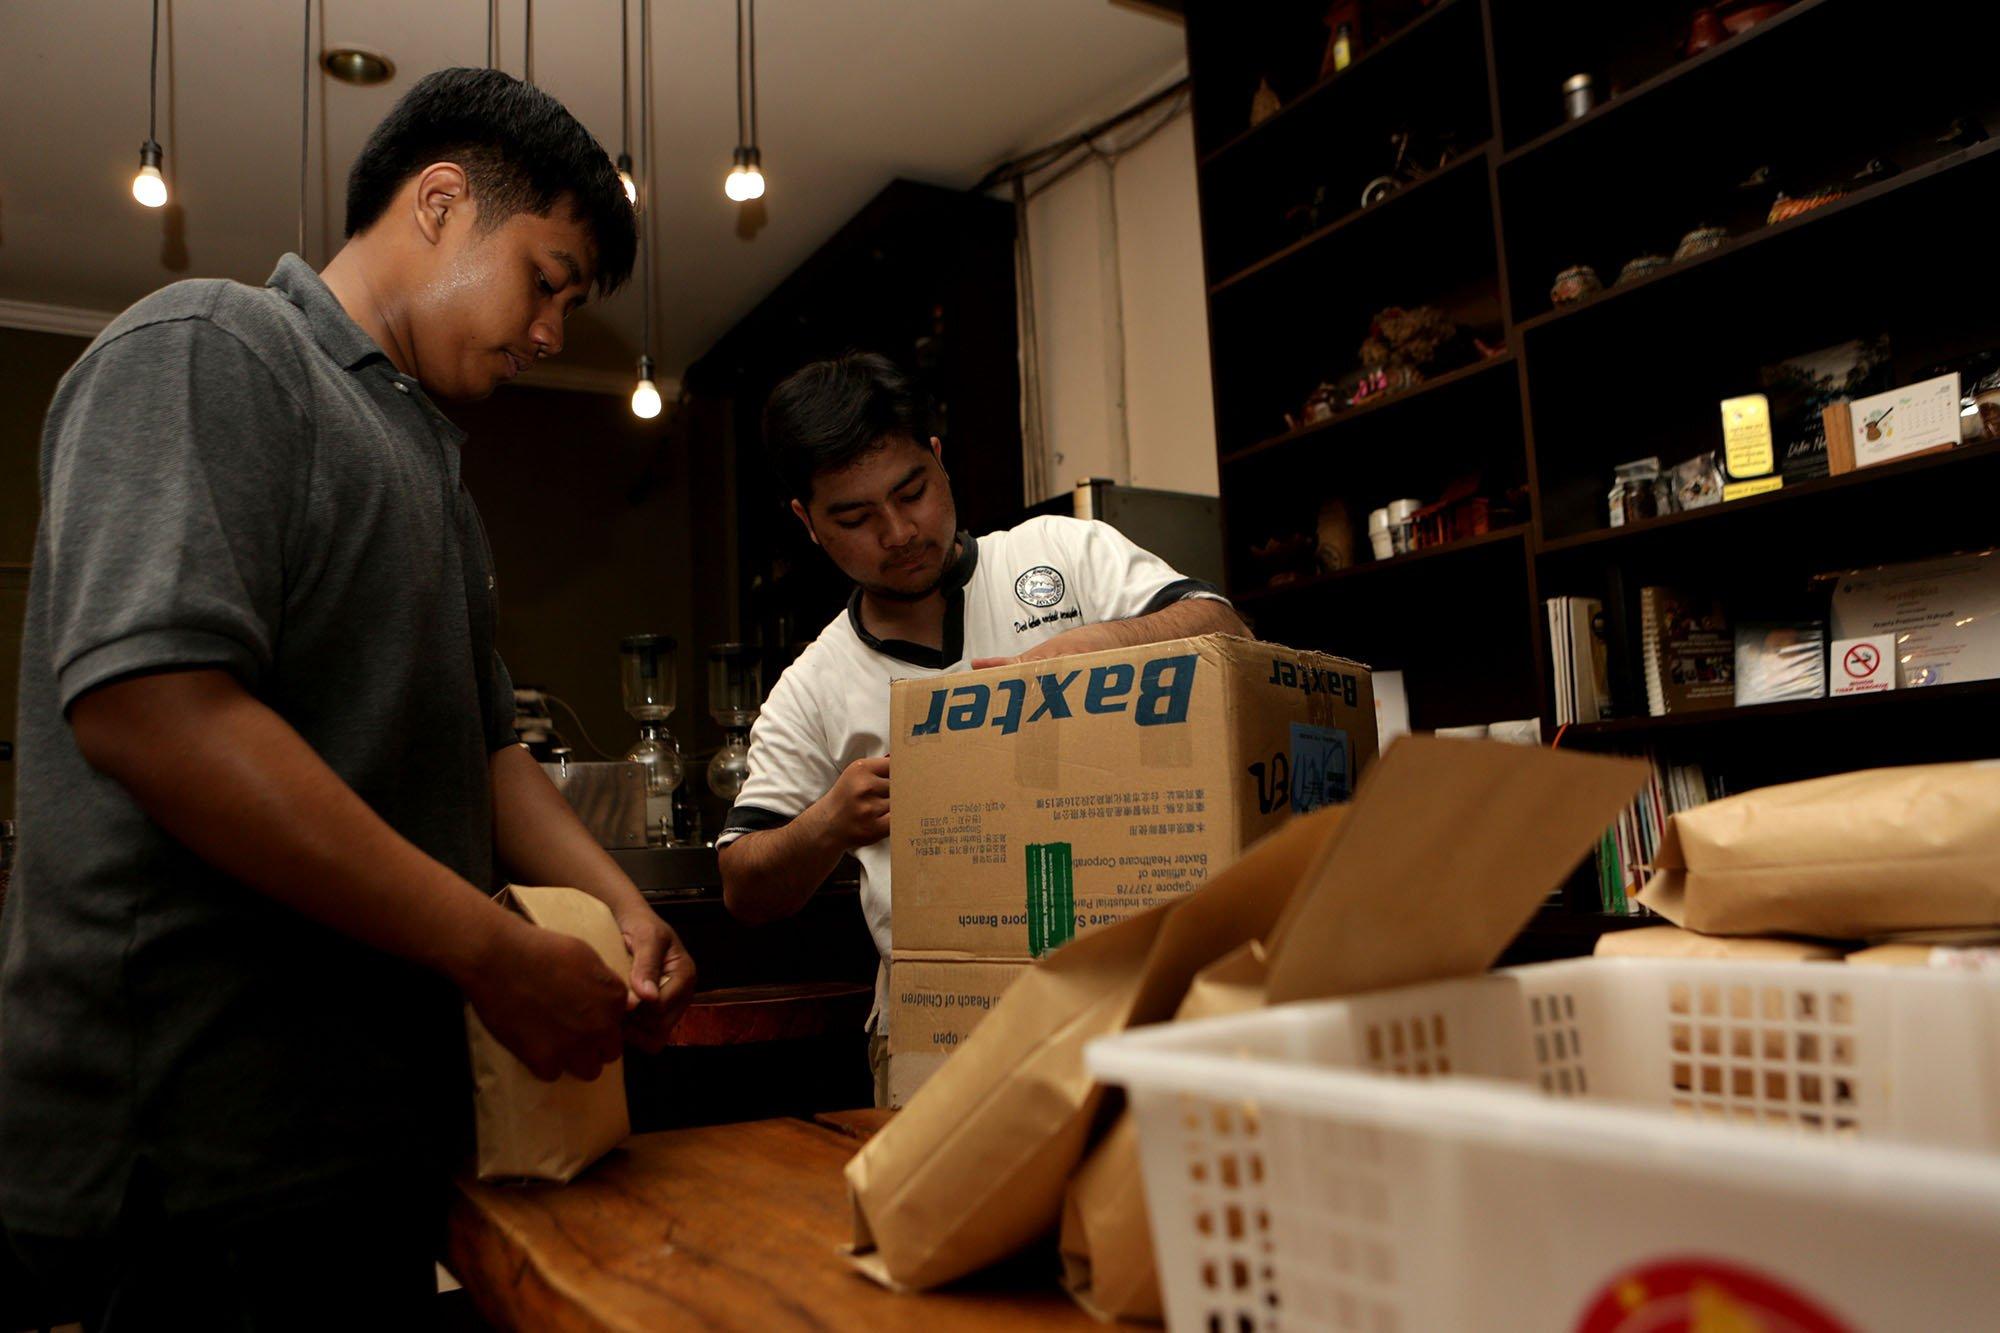 Malabar Mountain Coffee menerima pesanan kopi sejak awal tahun dan terkadang tak mampu memenuhi permintaan yang melebihi produksi. Para pekerja membungkus kopi pesanan di warung kopi Malabar Mountain Coffee, Bogor, (13/11/2019).